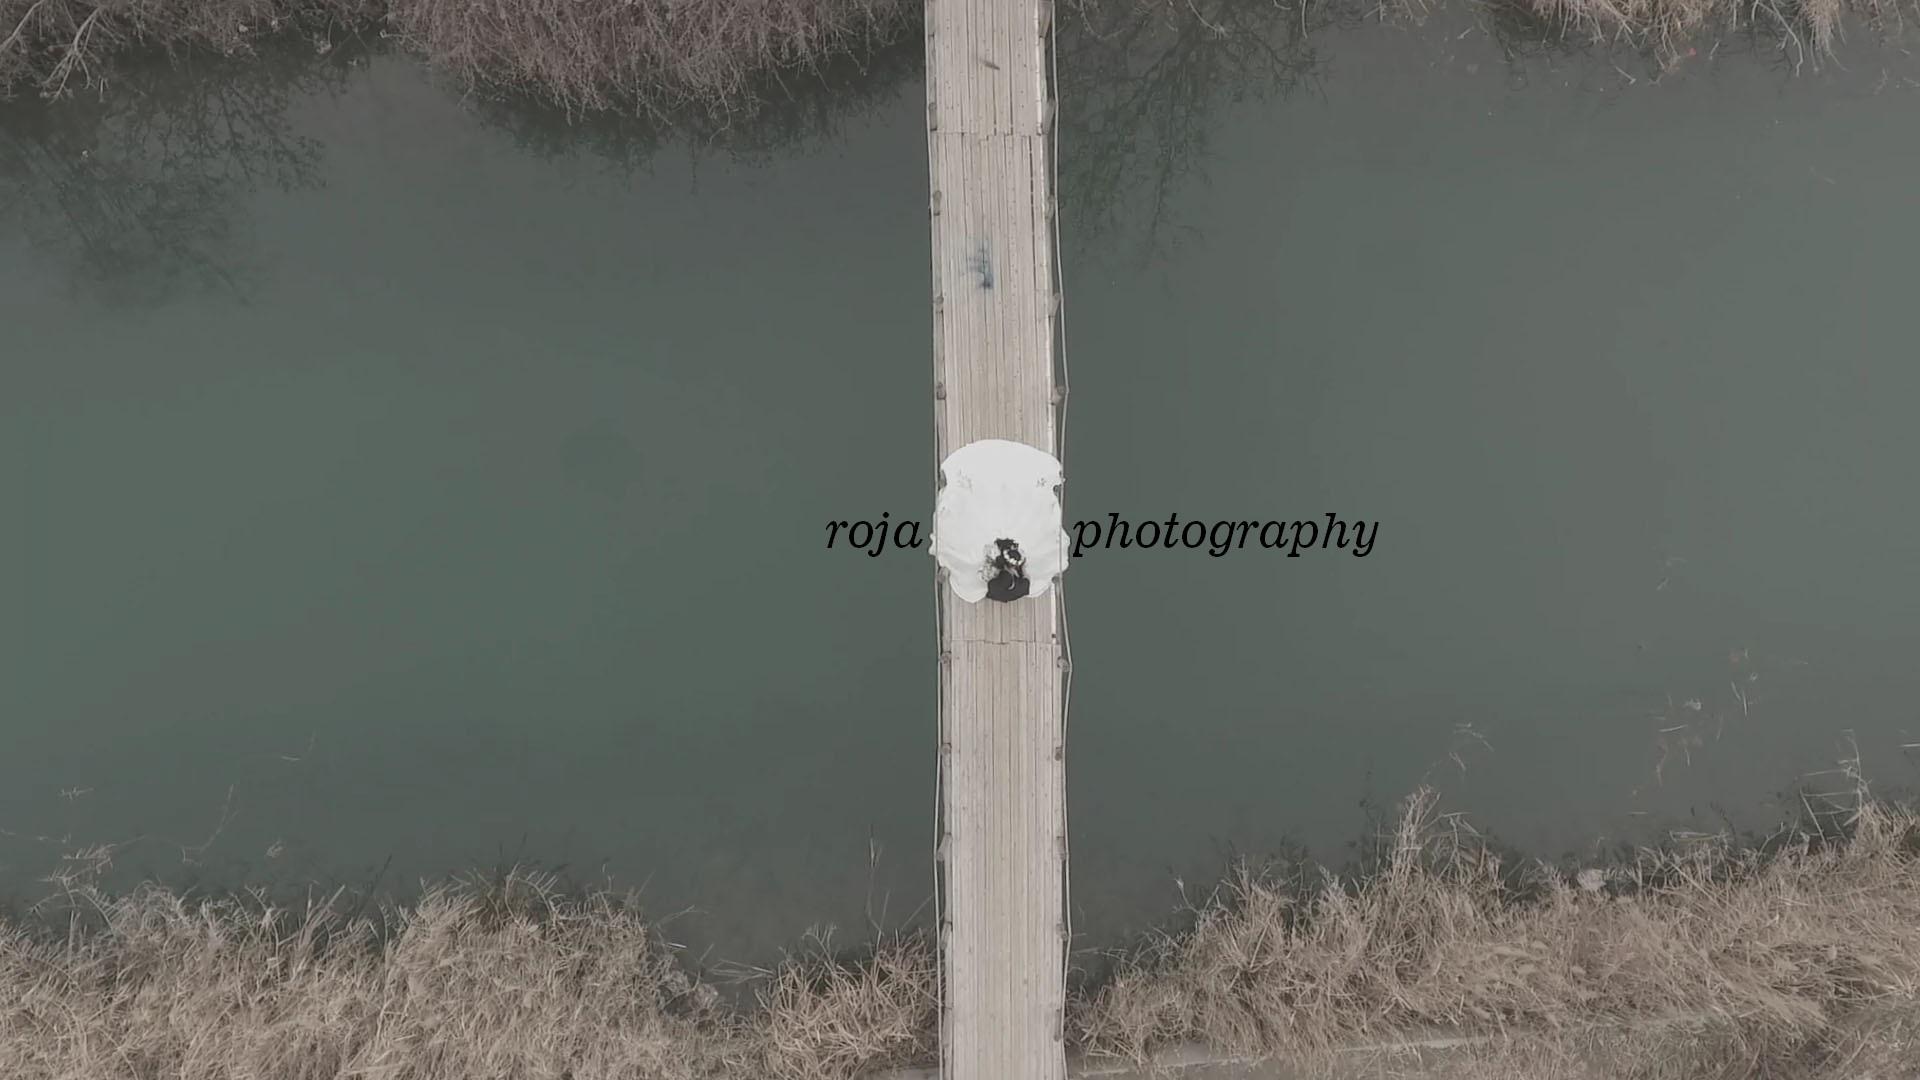 استودیو عکس و فیلم روجا | پل و رودخانه